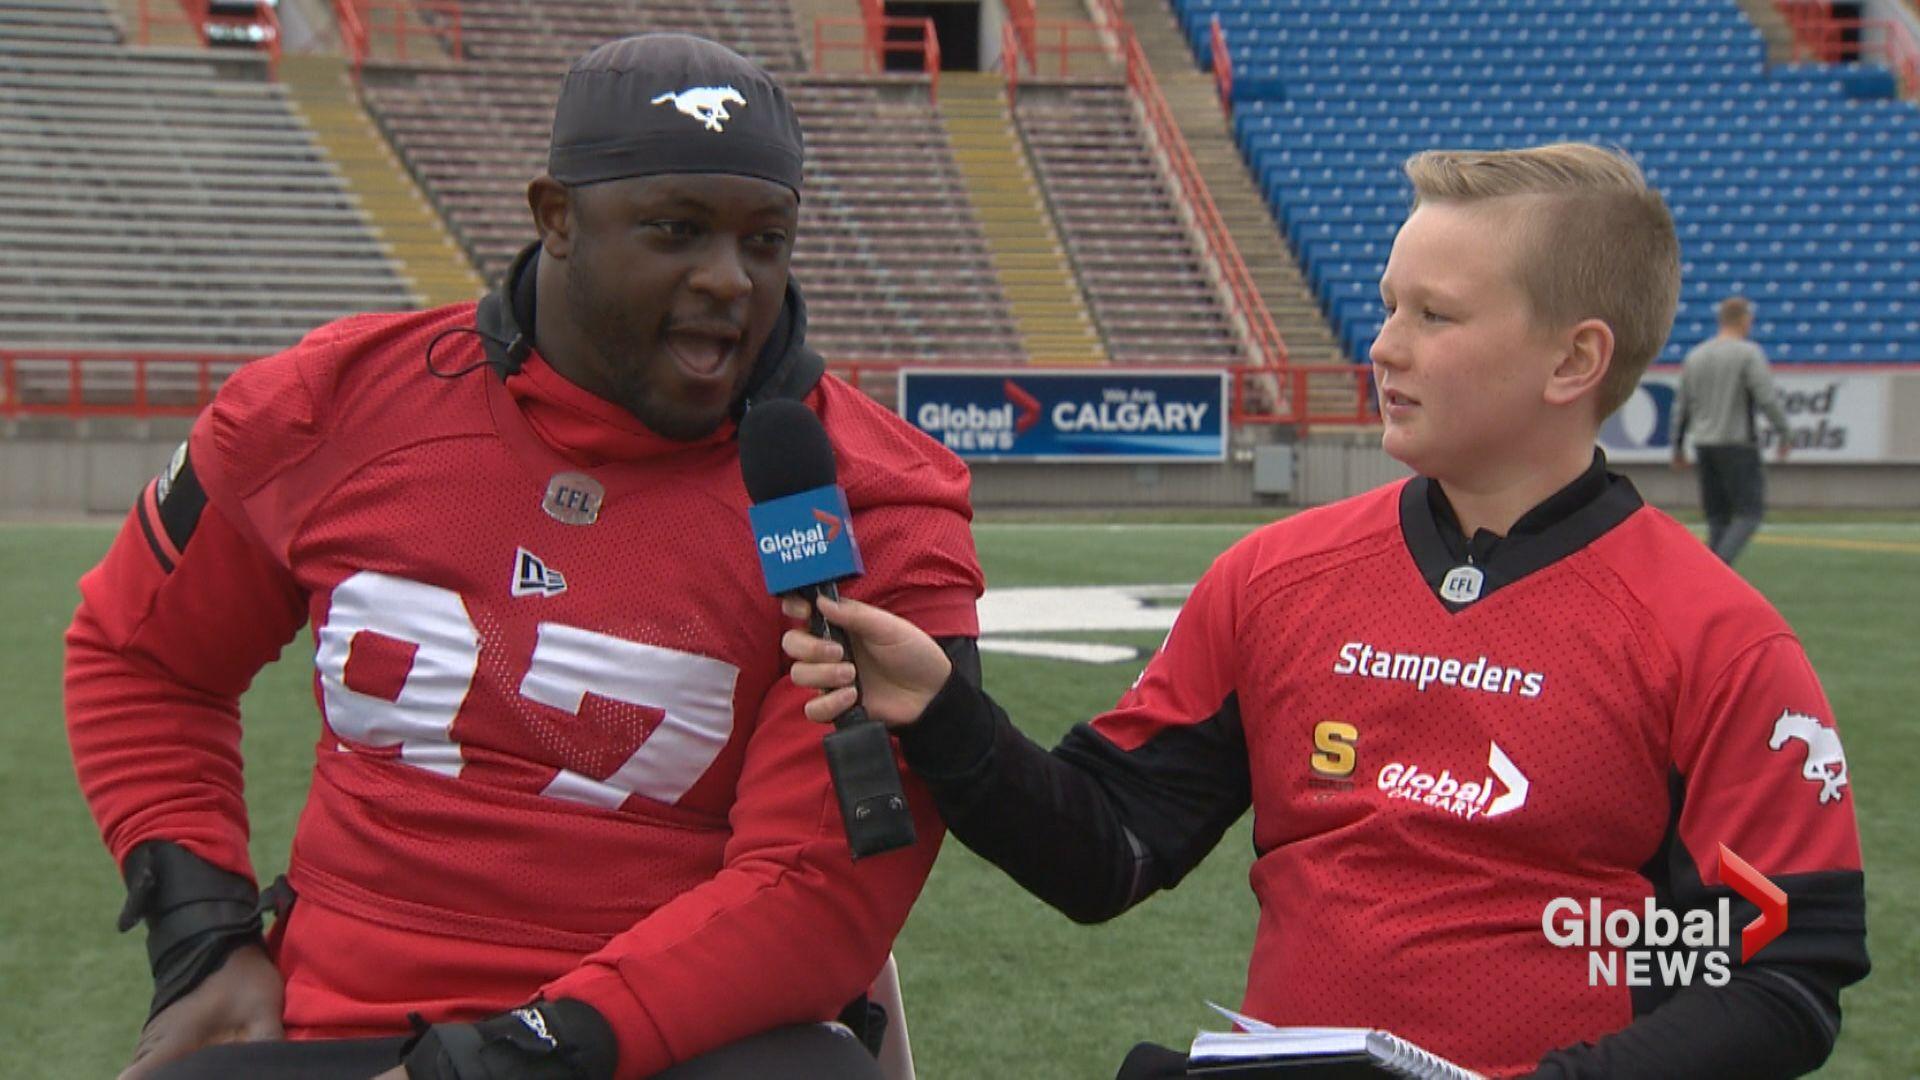 Junior reporter Malcolm interviews Stamps defensive lineman Derek Wiggan